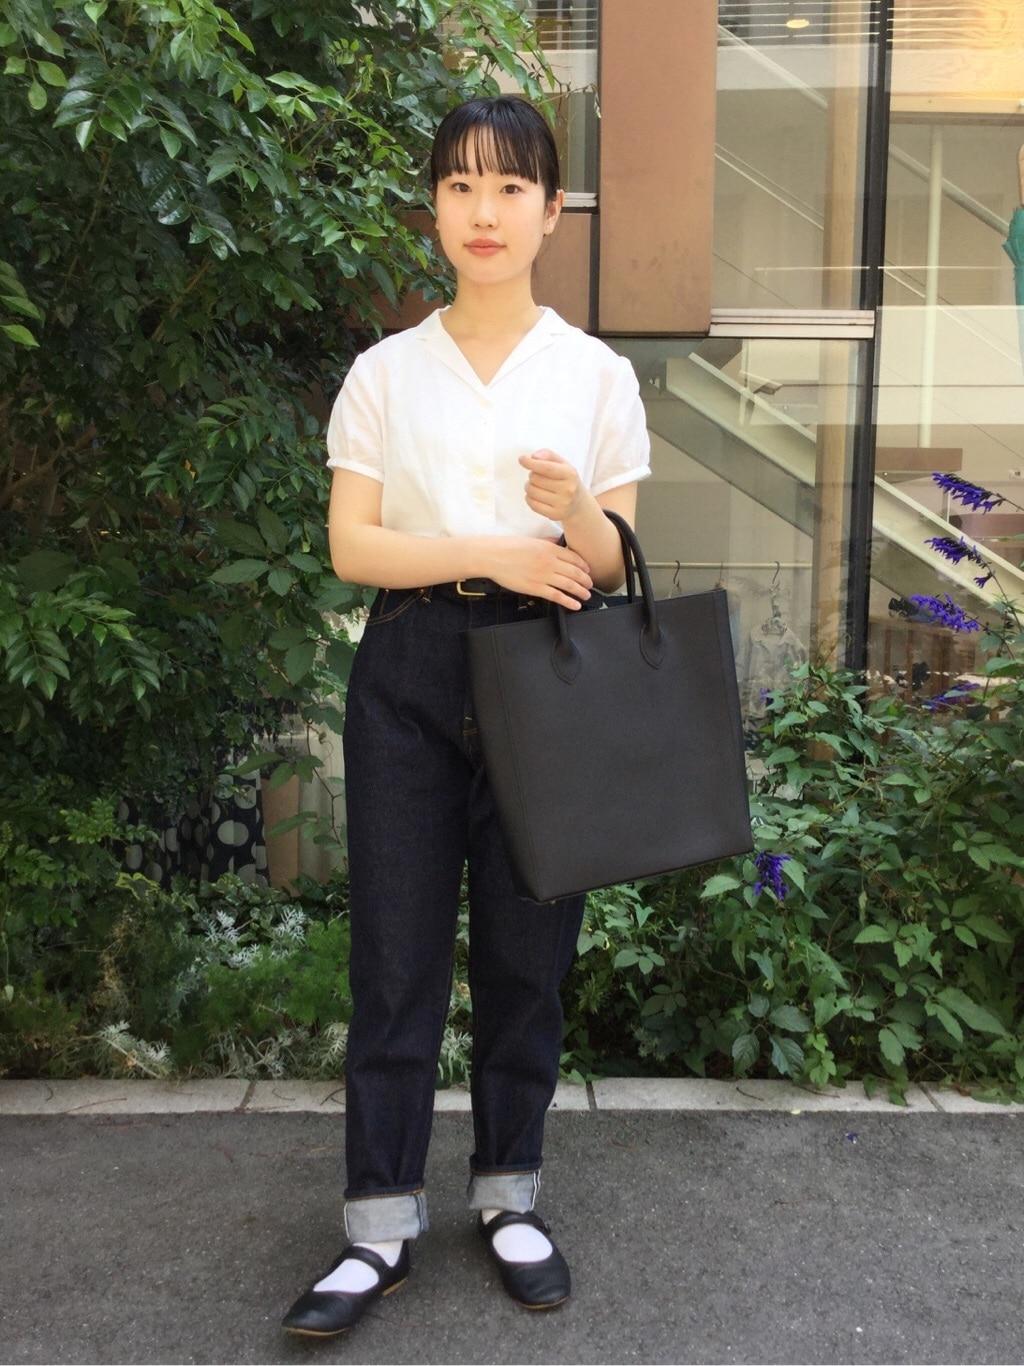 l'atelier du savon 代官山路面 身長:153cm 2020.06.09